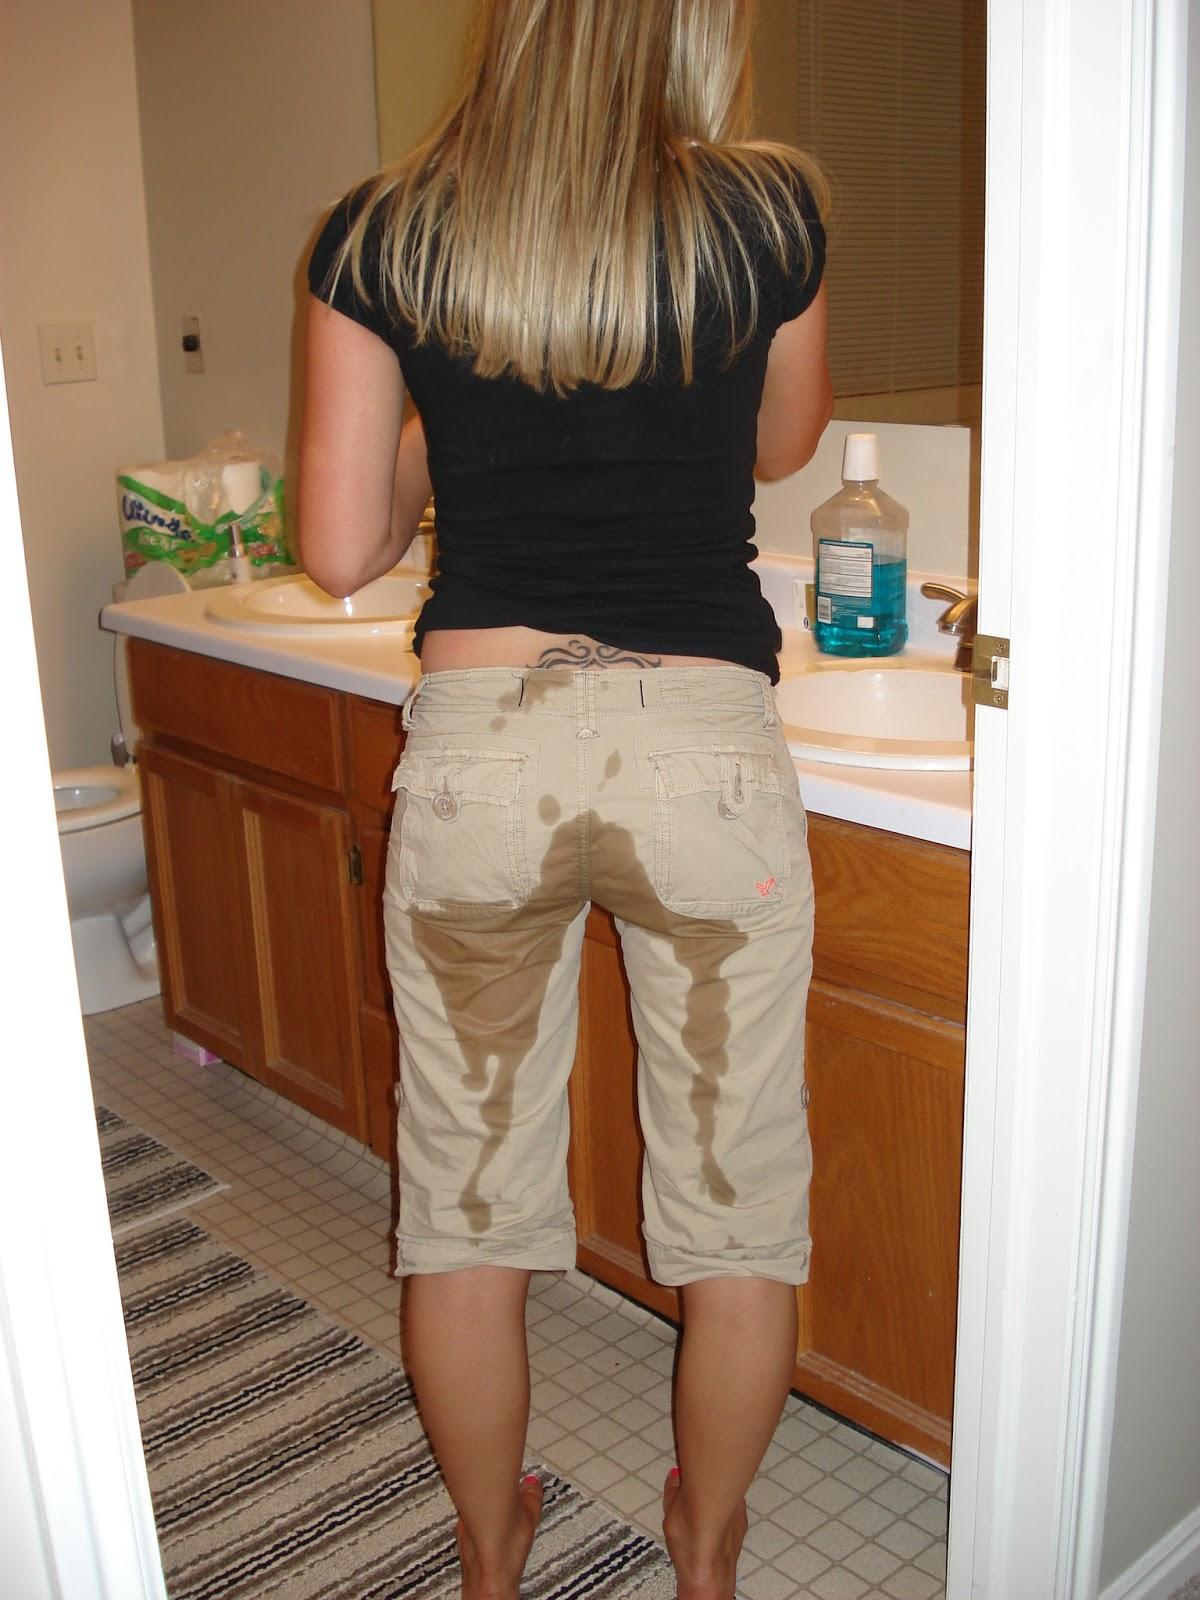 Wife Peed Her Pants